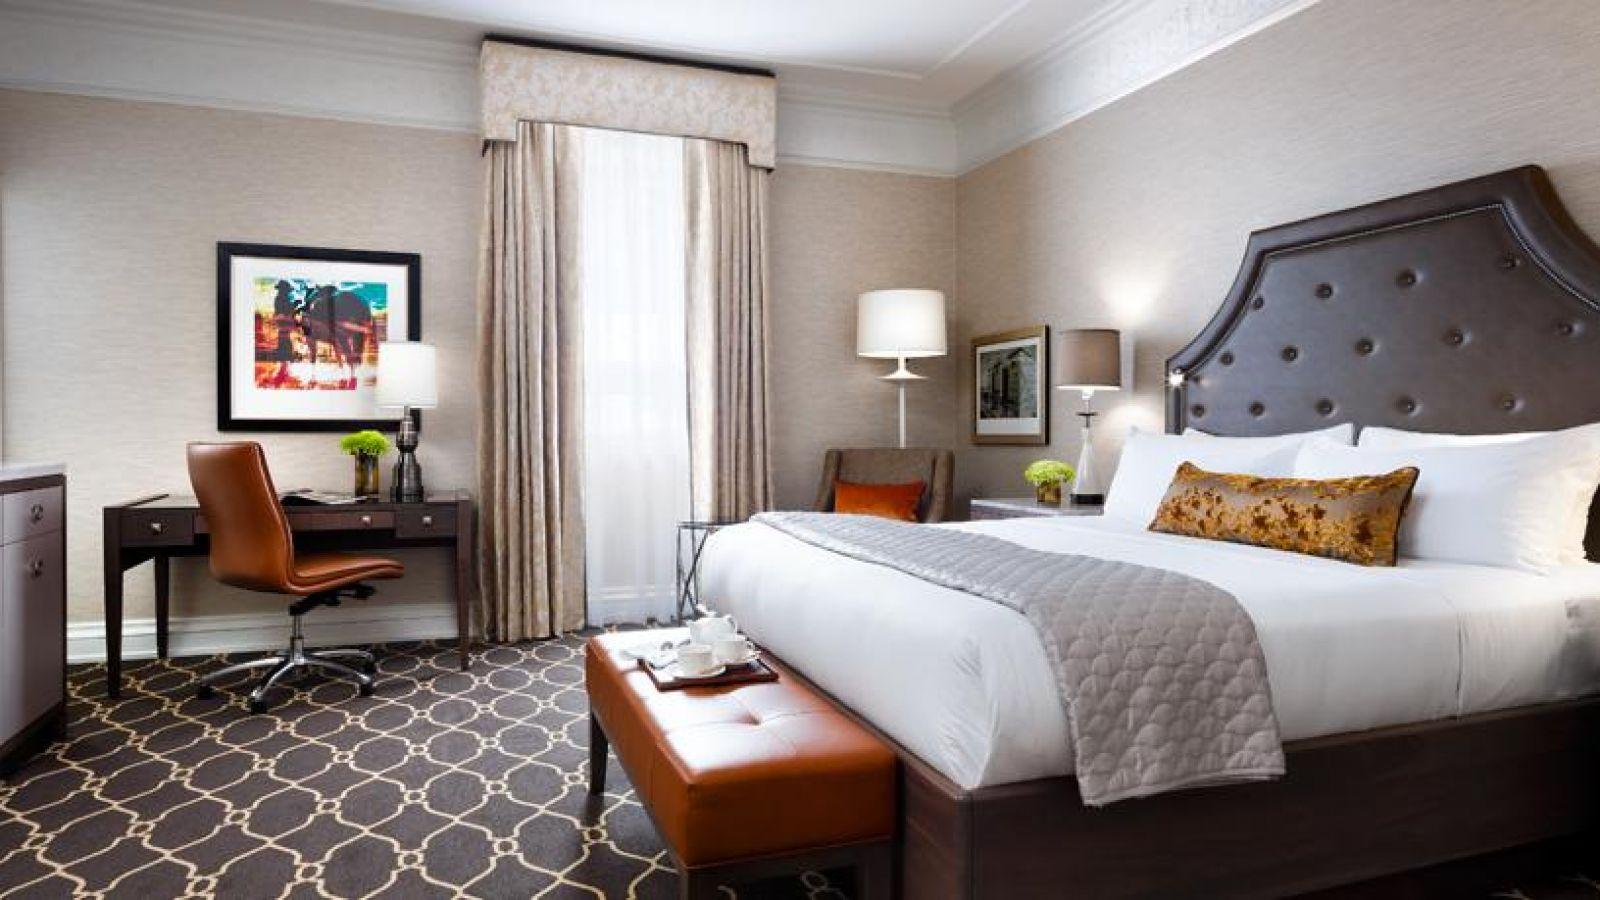 Fairmont Palliser Hotel Calgary - Deluxe room